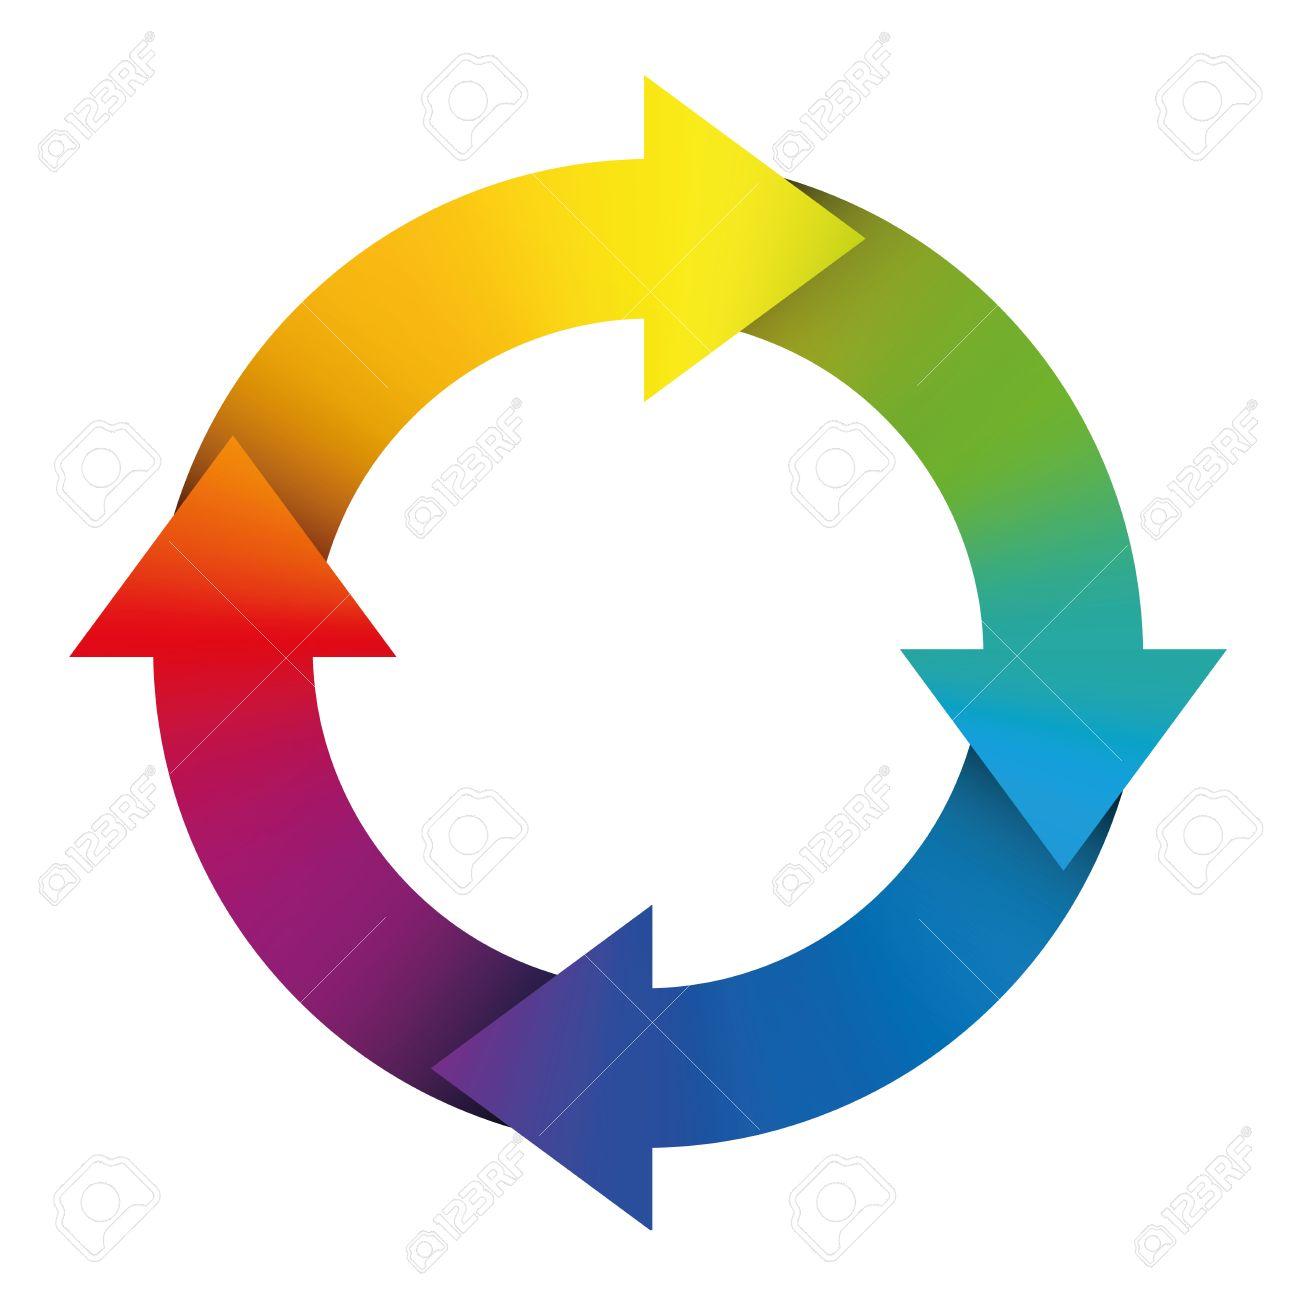 Schaltzeichen Mit Regenbogen Farbigen Pfeile. Illustration Auf ...